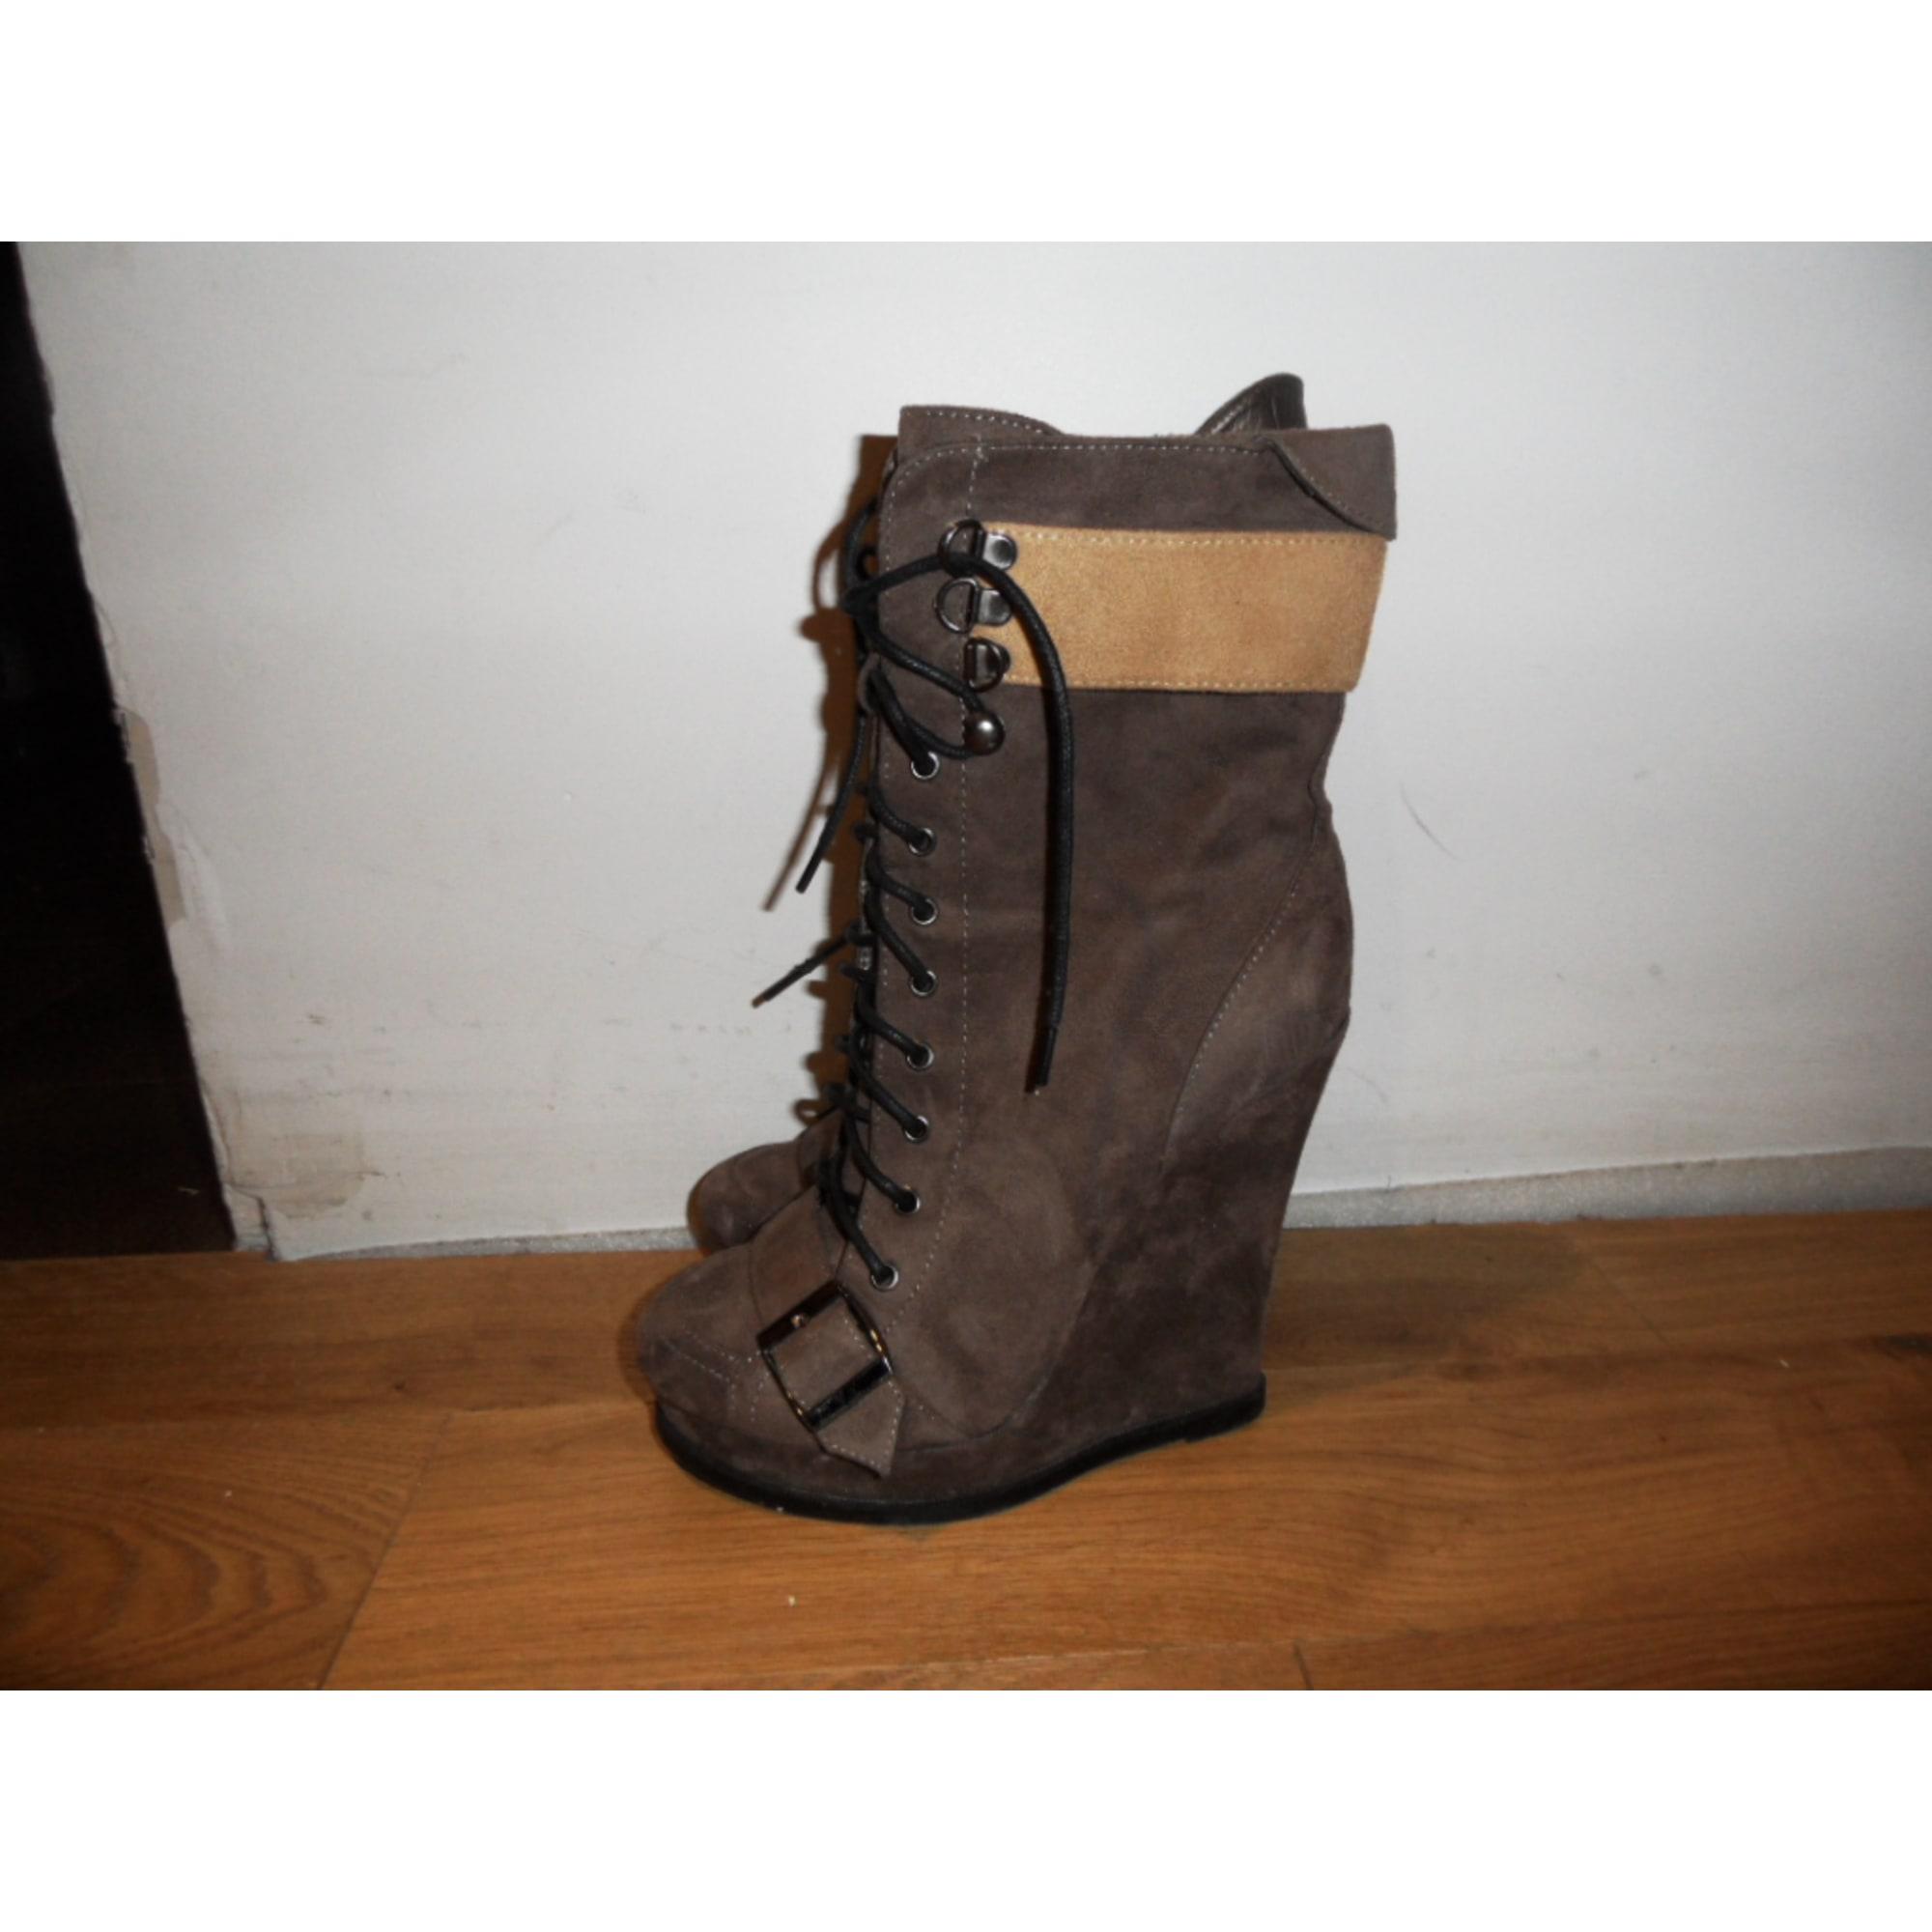 b44b1d7e6cca4 Bottines   low boots à compensés MODATOI 38 beige - 625278